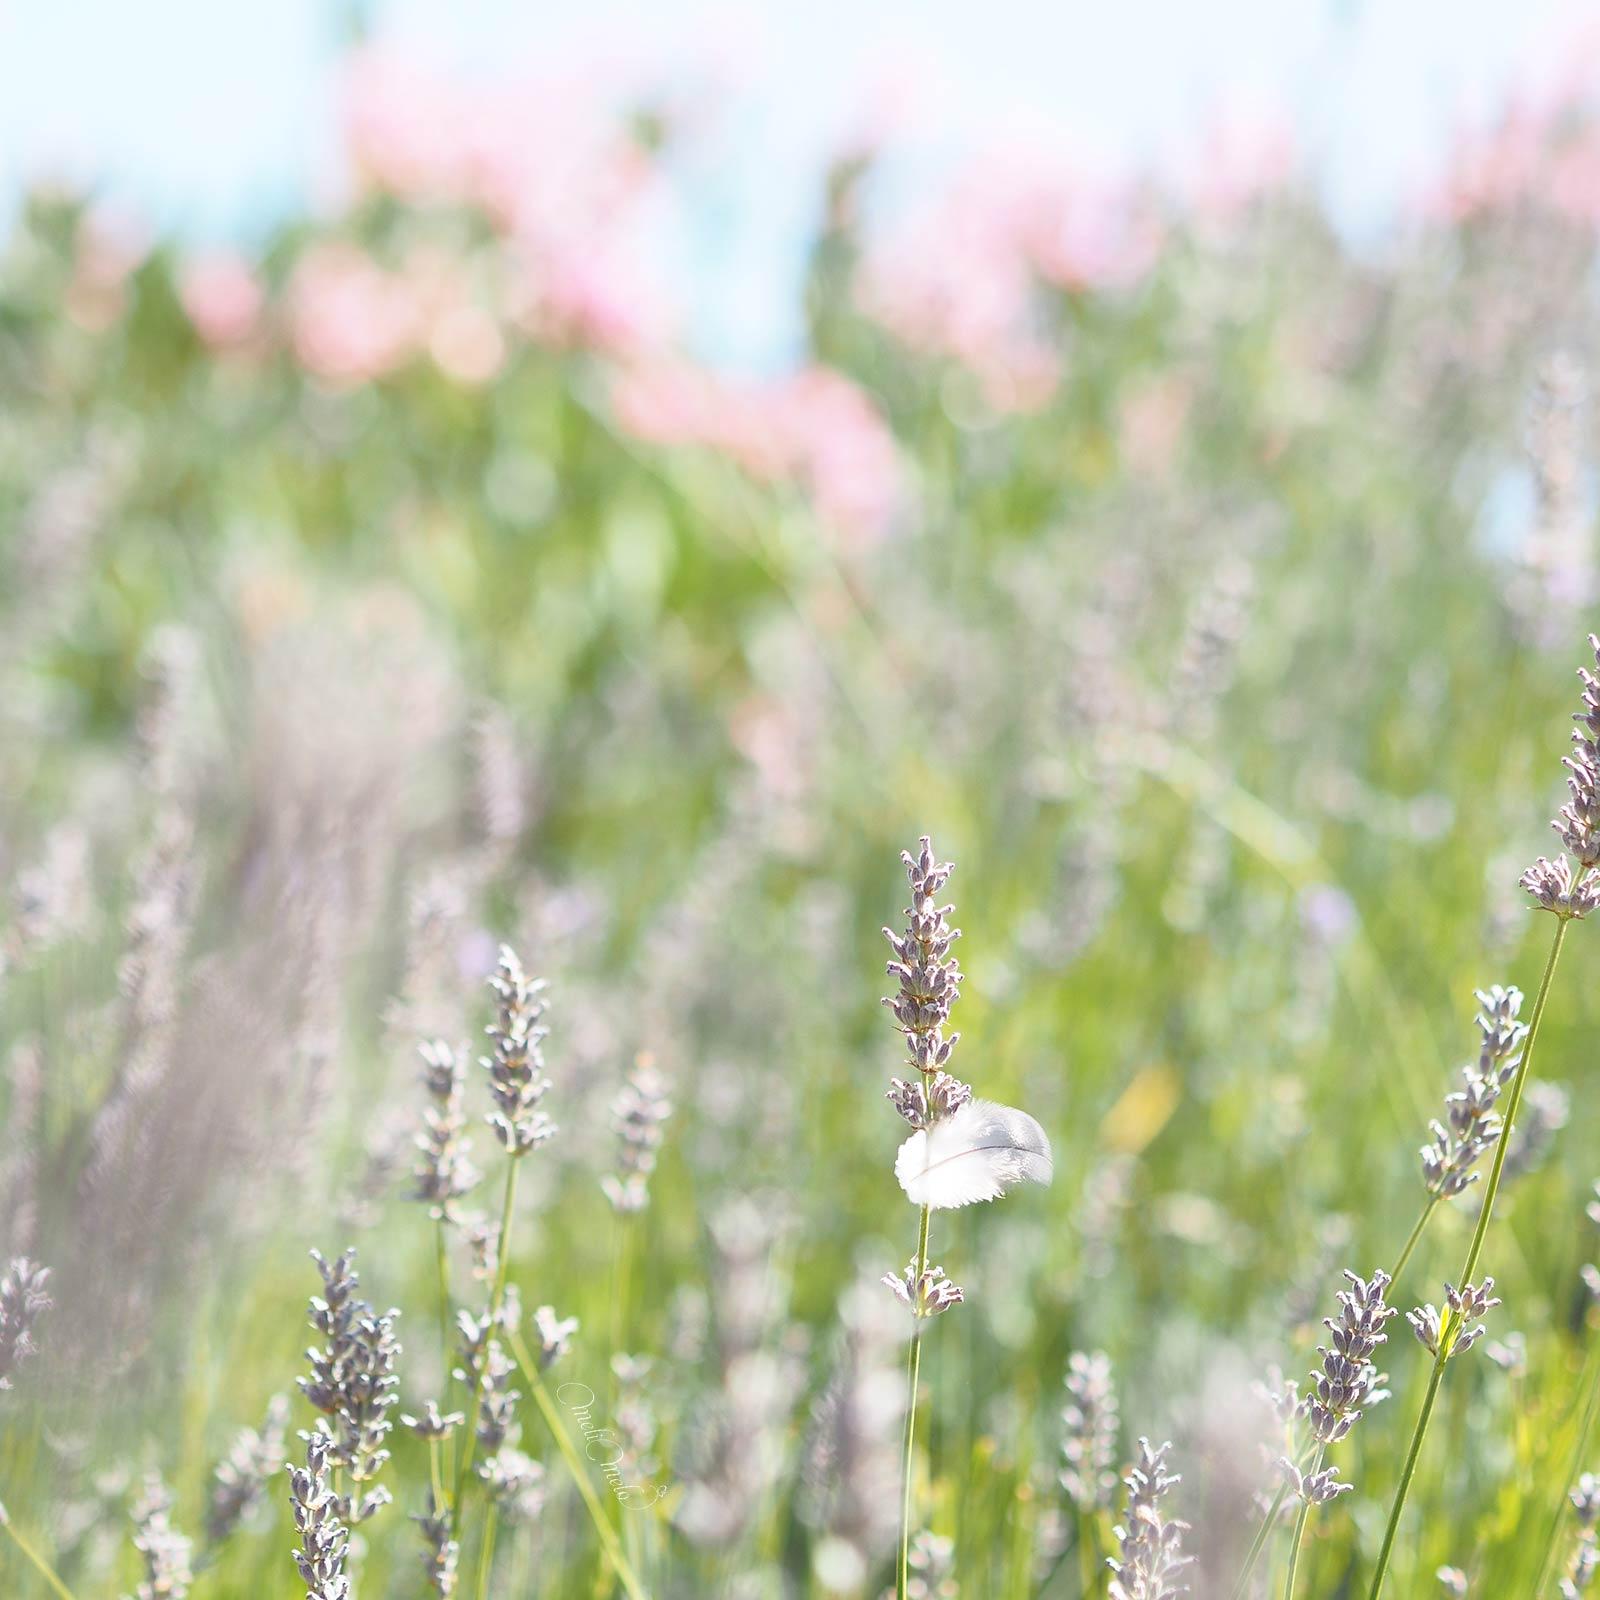 lavandin-jardin-plume-laboutiquedemelimelo